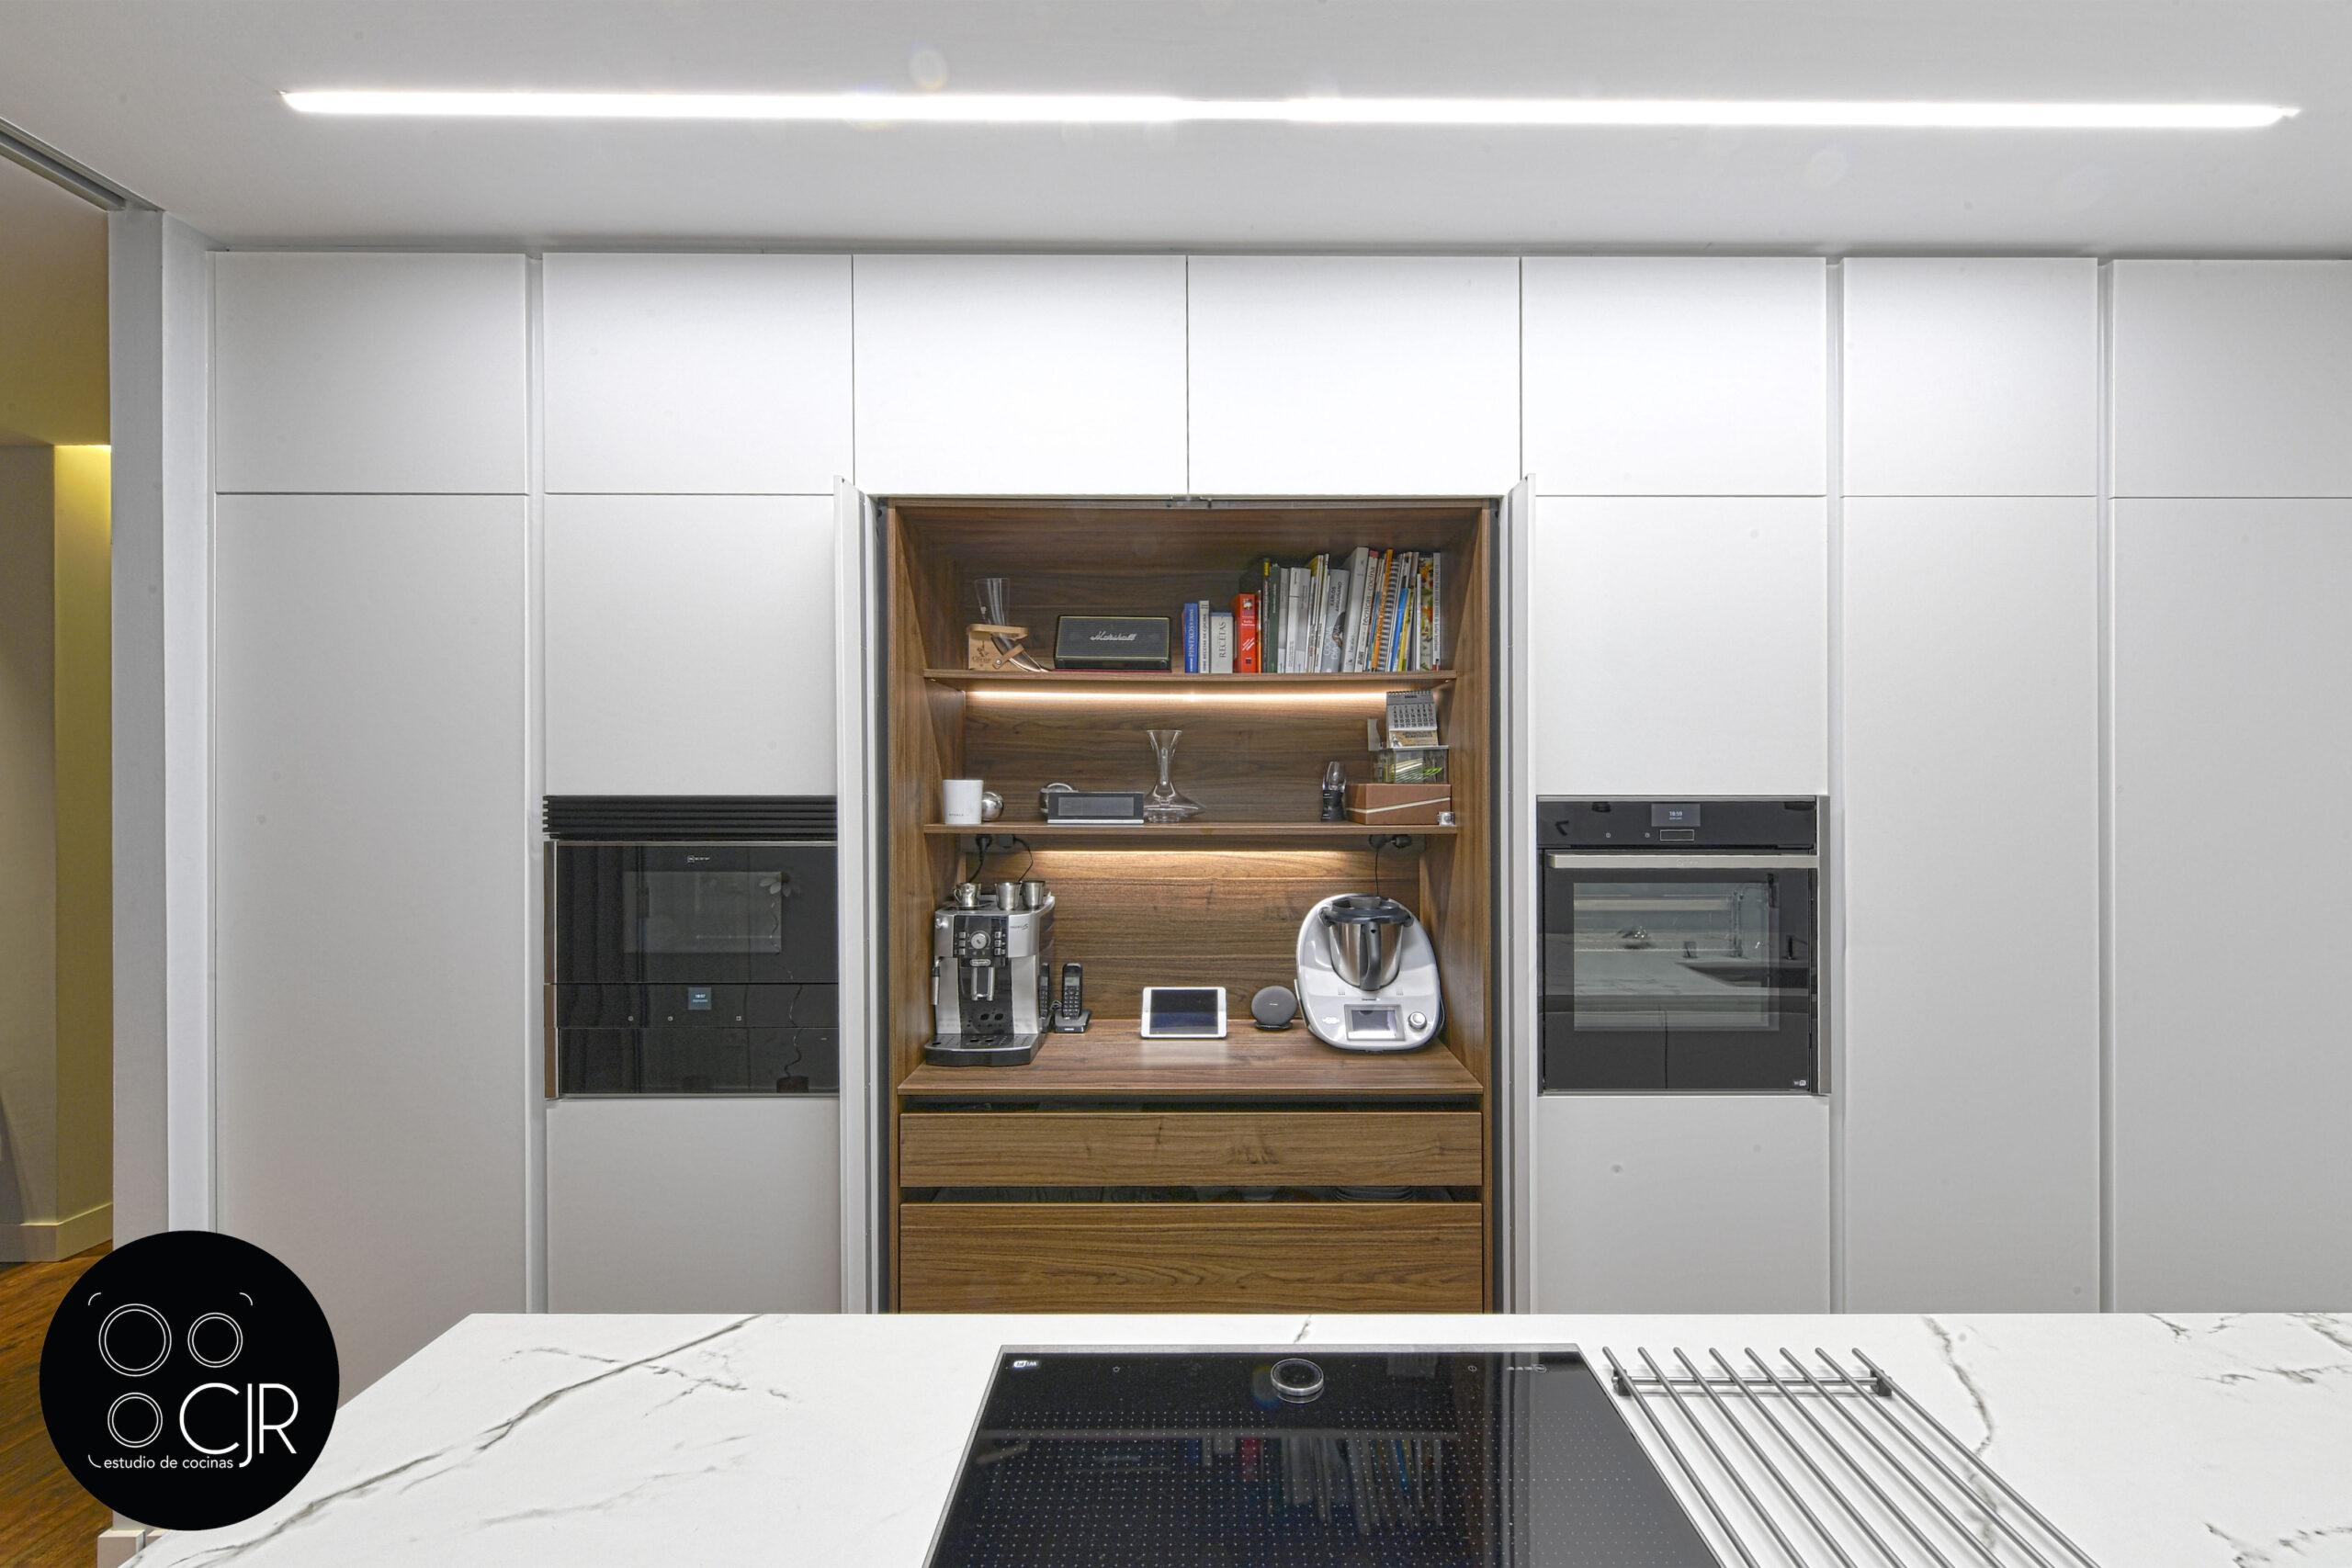 Puerta escamoteable recogida en la cocina blanca mate sin tiradores